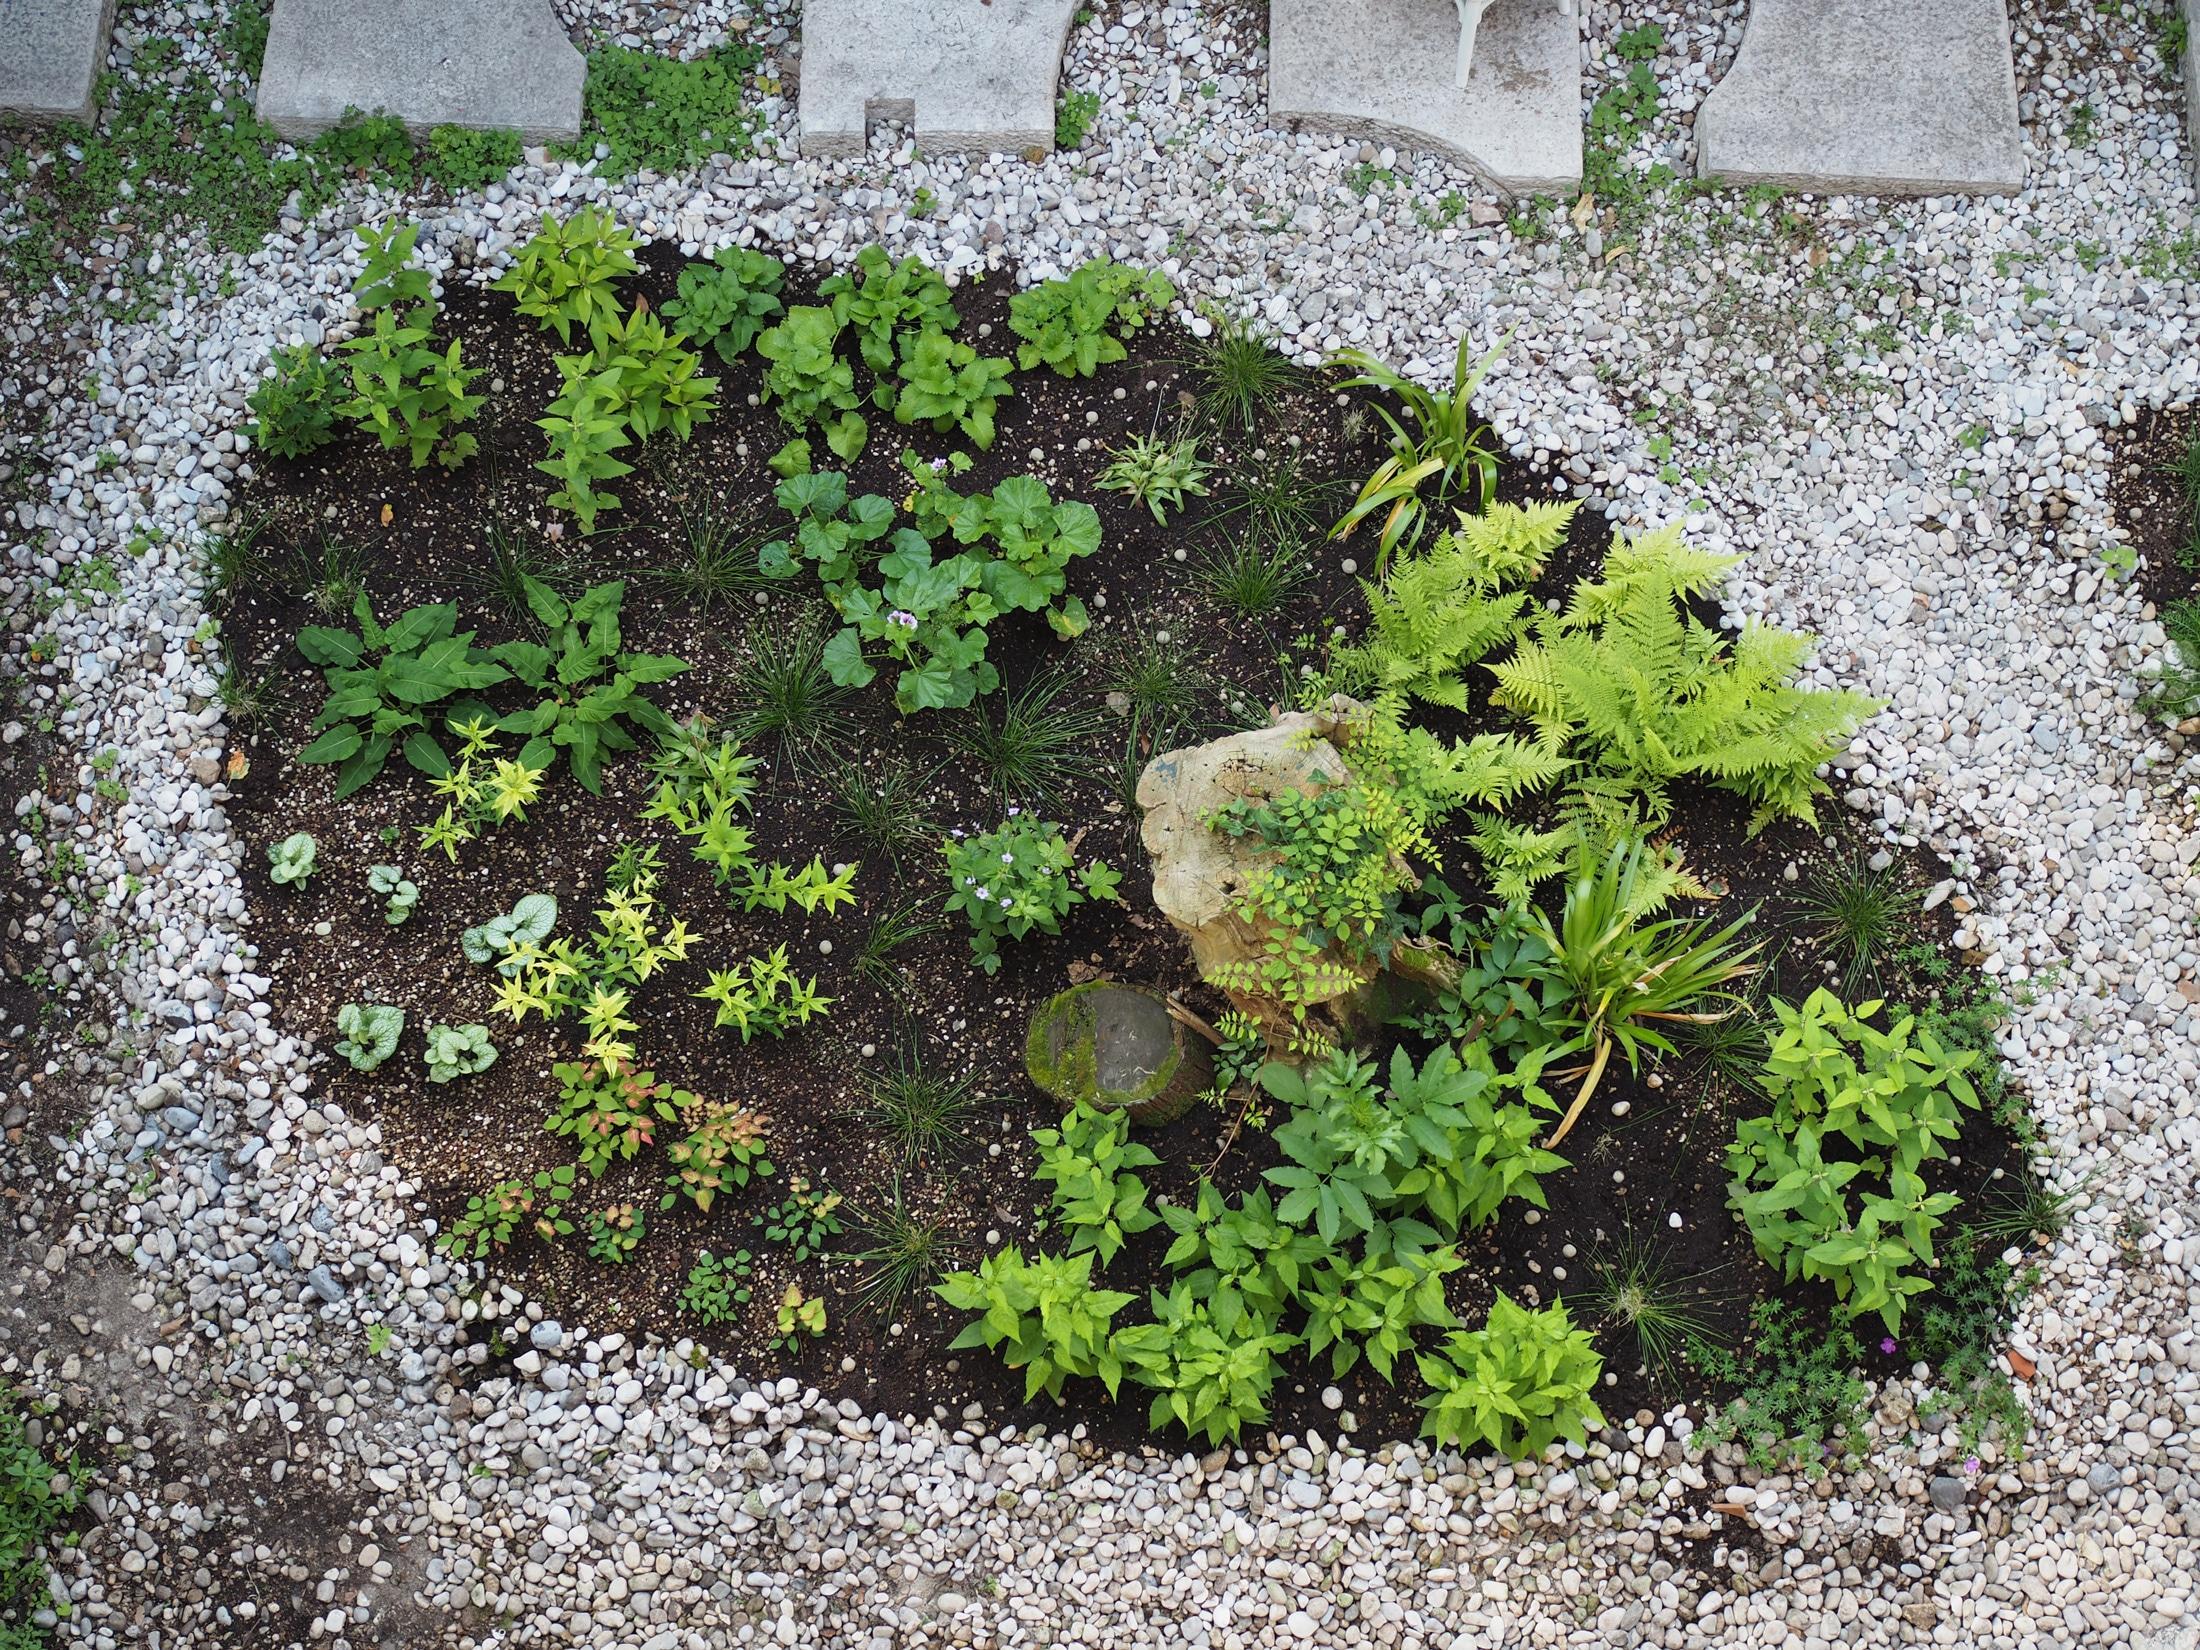 Jardin (in)temporal – Ortofoto FAD